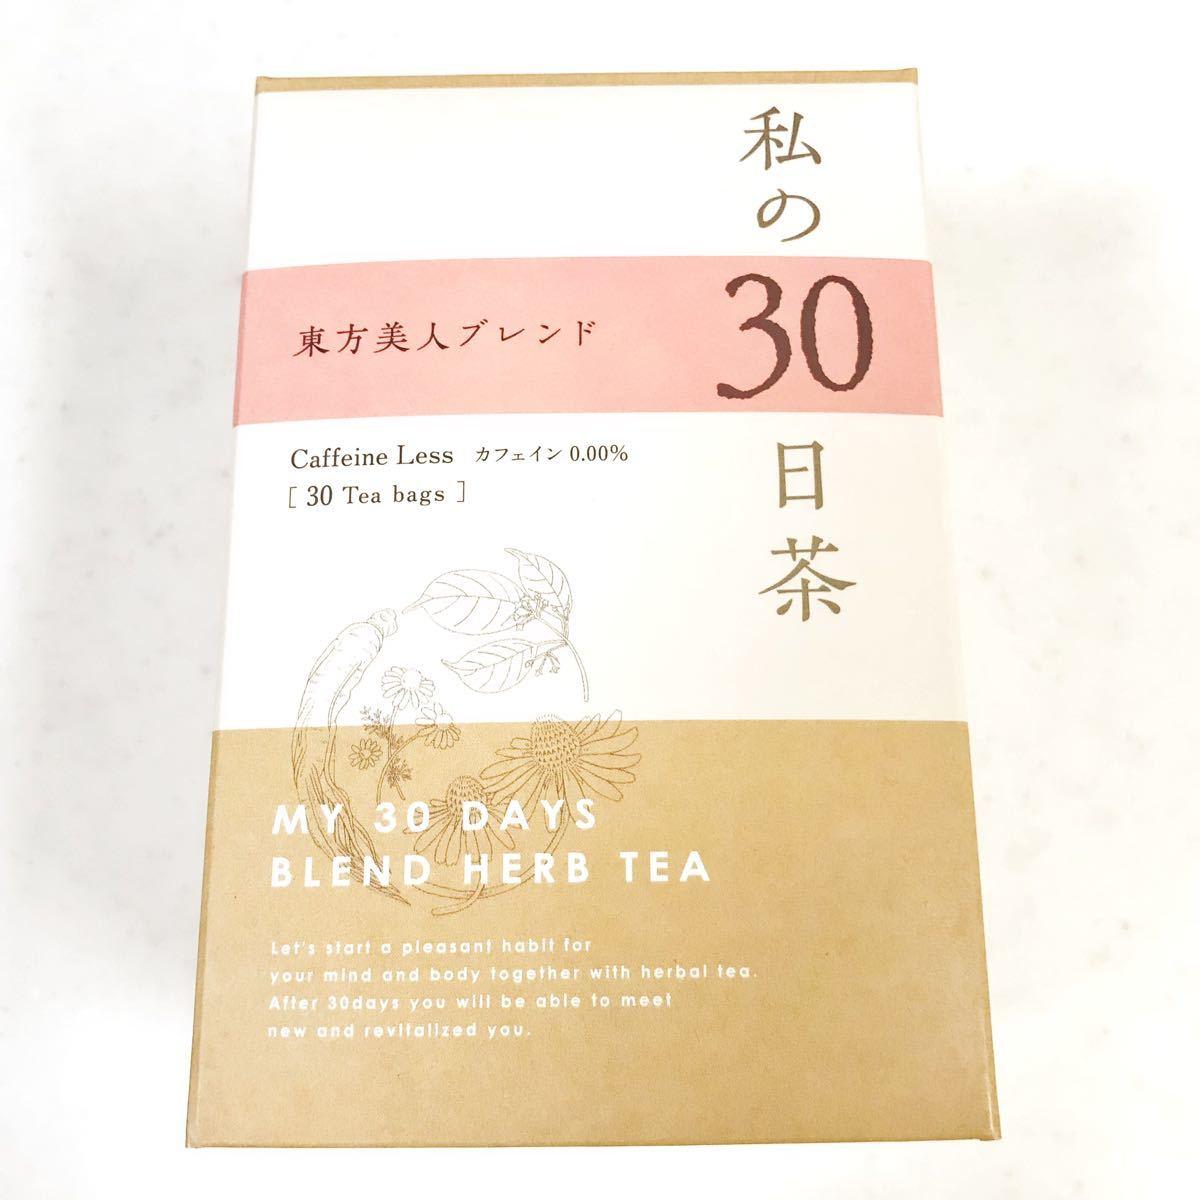 生活の木ハーブティー ルイボス配合 高級漢方 東方美人ブレンド 私の30日茶 1ヶ月分ティーバック30包